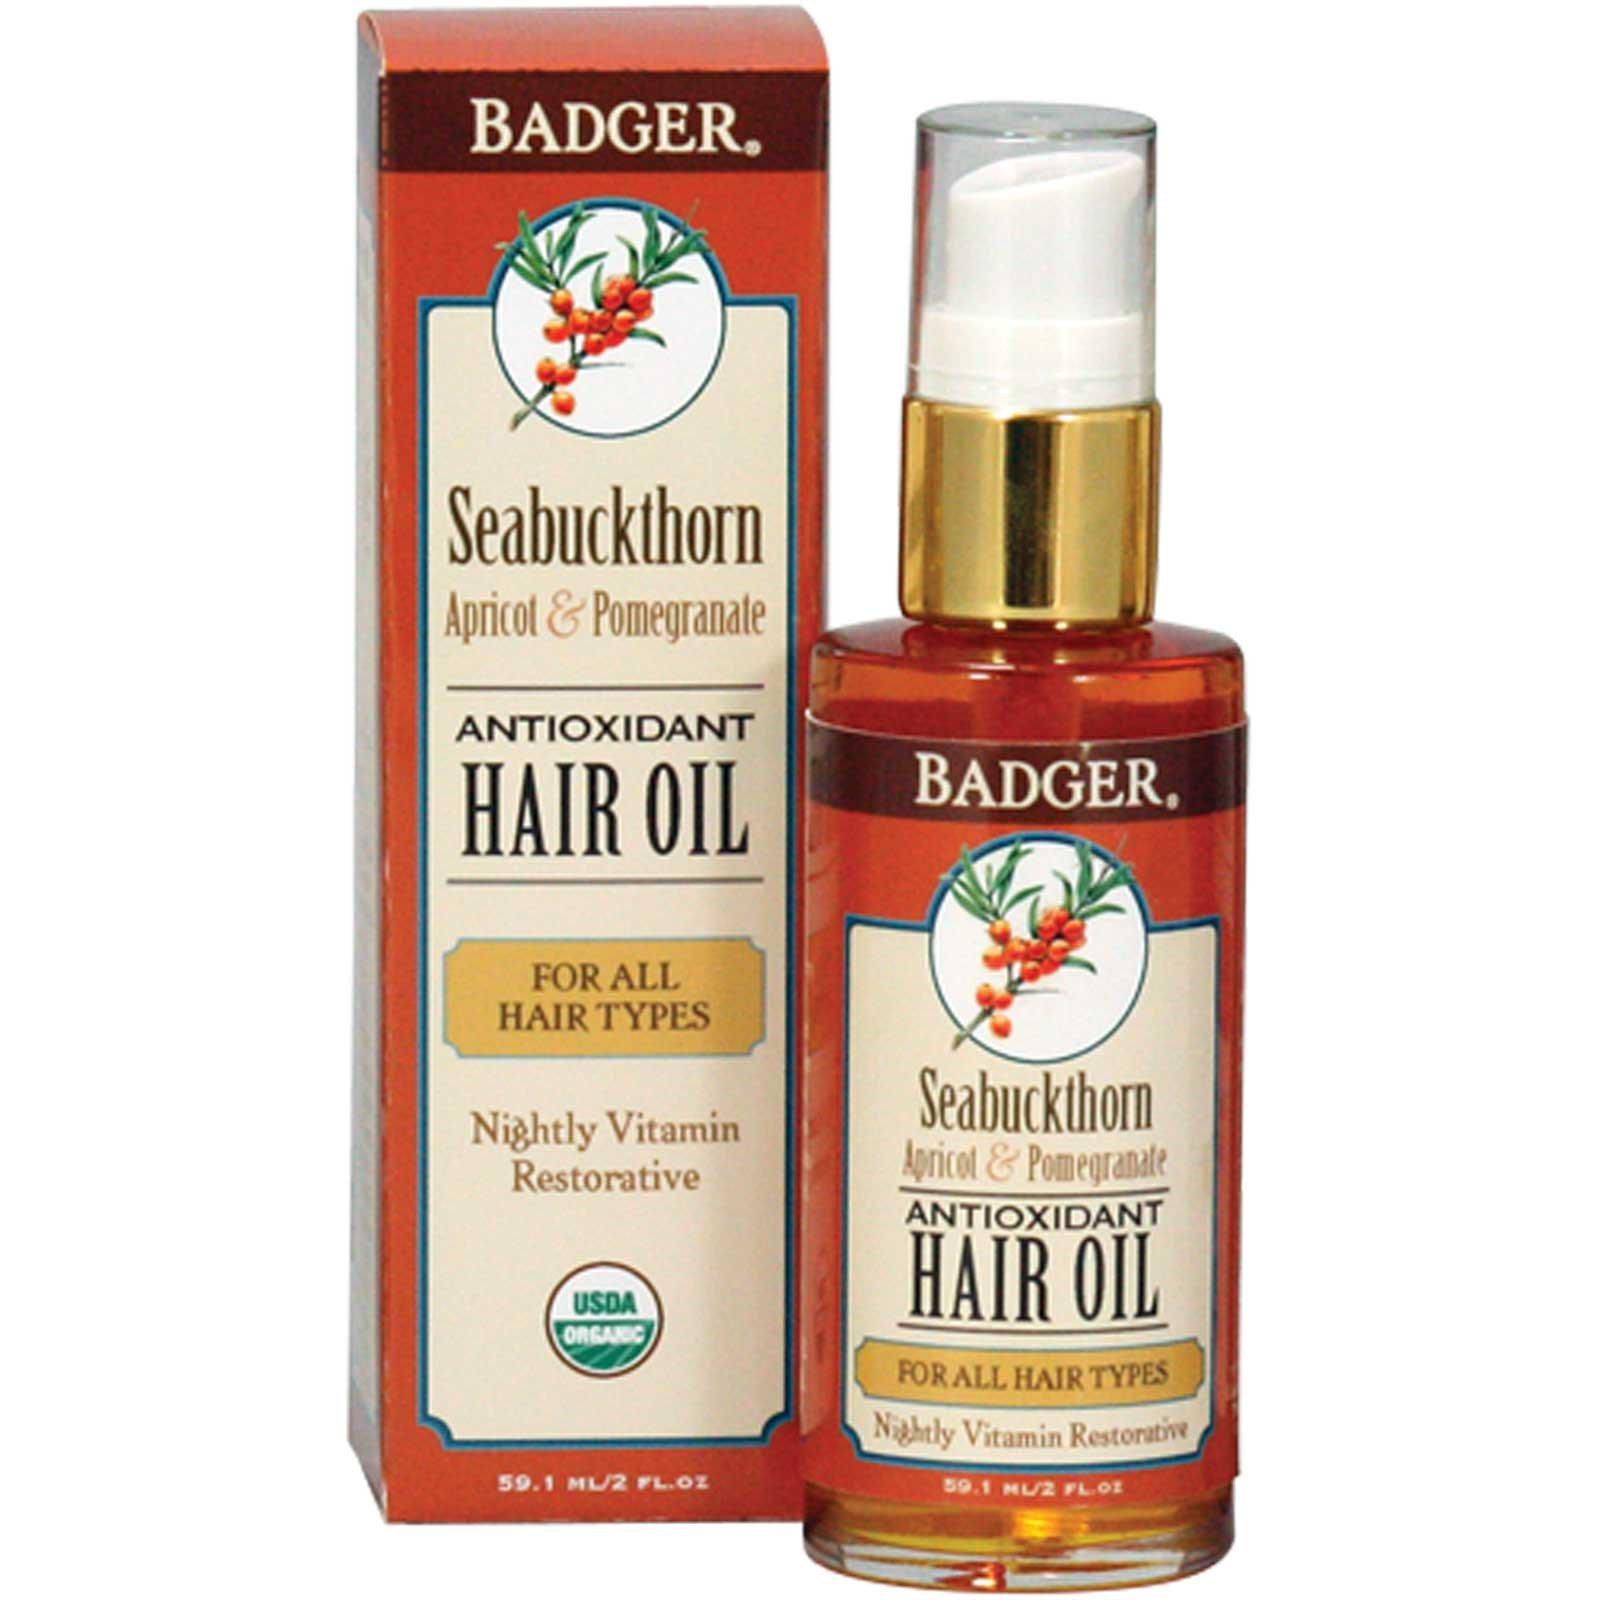 Badger Company, Противоокислительное облепиховое масло для волос, с абрикосом и гранатом, 2 жидких унции (59.1 мл)